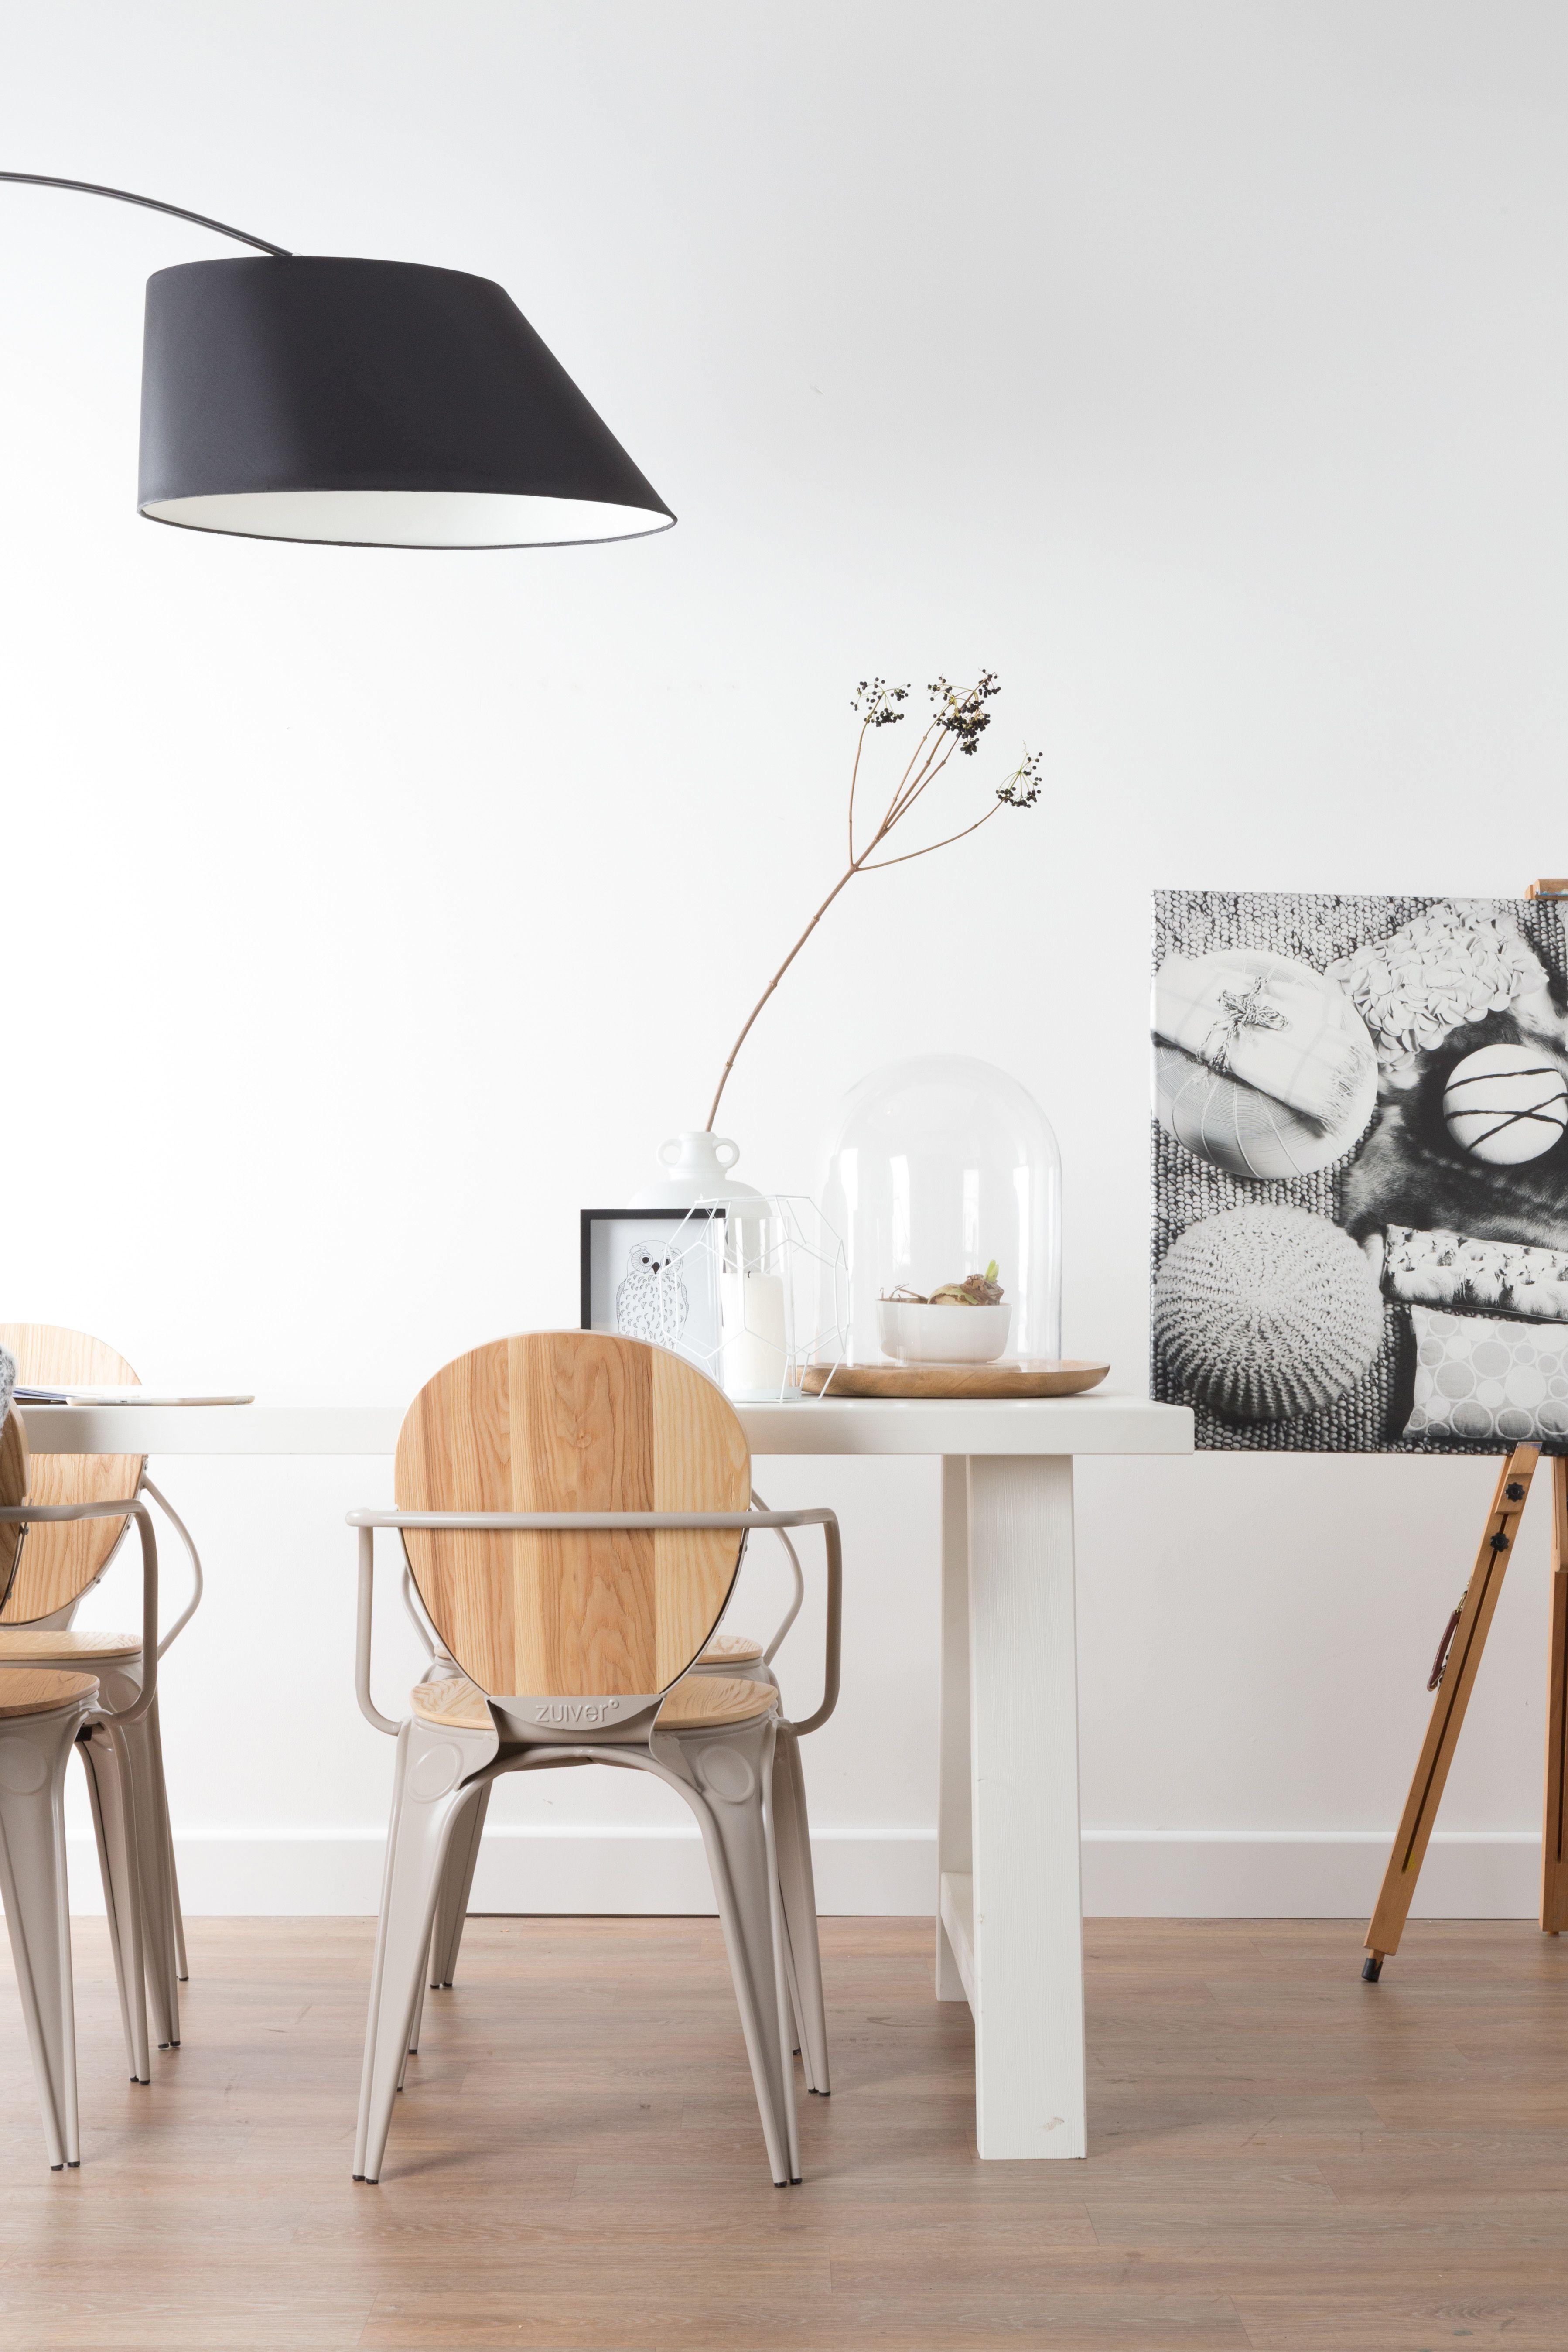 La Marque De Design Hollandaise Zuiver Nous Inspire Avec Son Mobilier Moderne Au Style Scandinave Le Lampadaire N Salon Maison Chaise Salle A Manger Lampe Arc